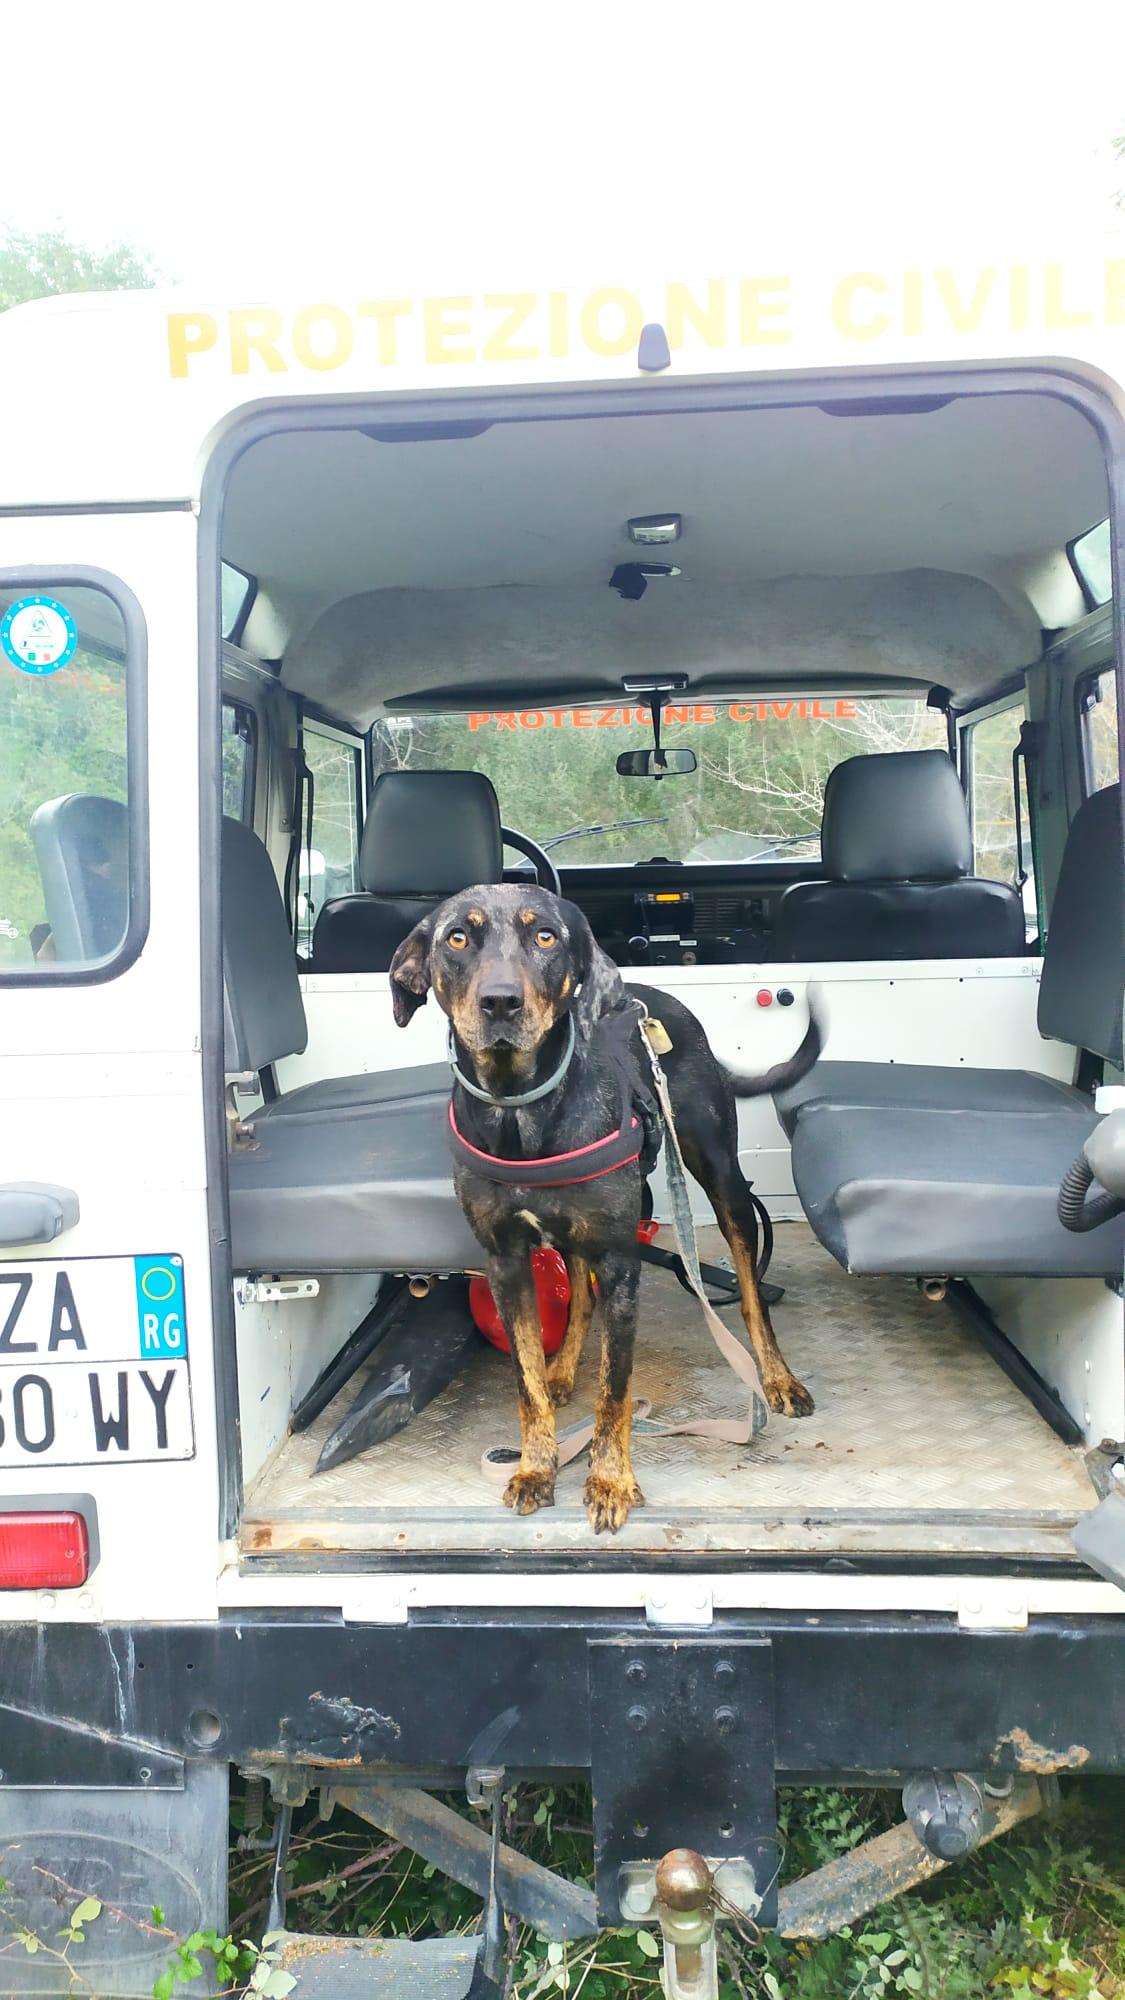 Grazie al fiuto di Bianca e Kira, due cani della Protezione Civile, ritrovato un anziano smarritosi a Cava D'Ispica